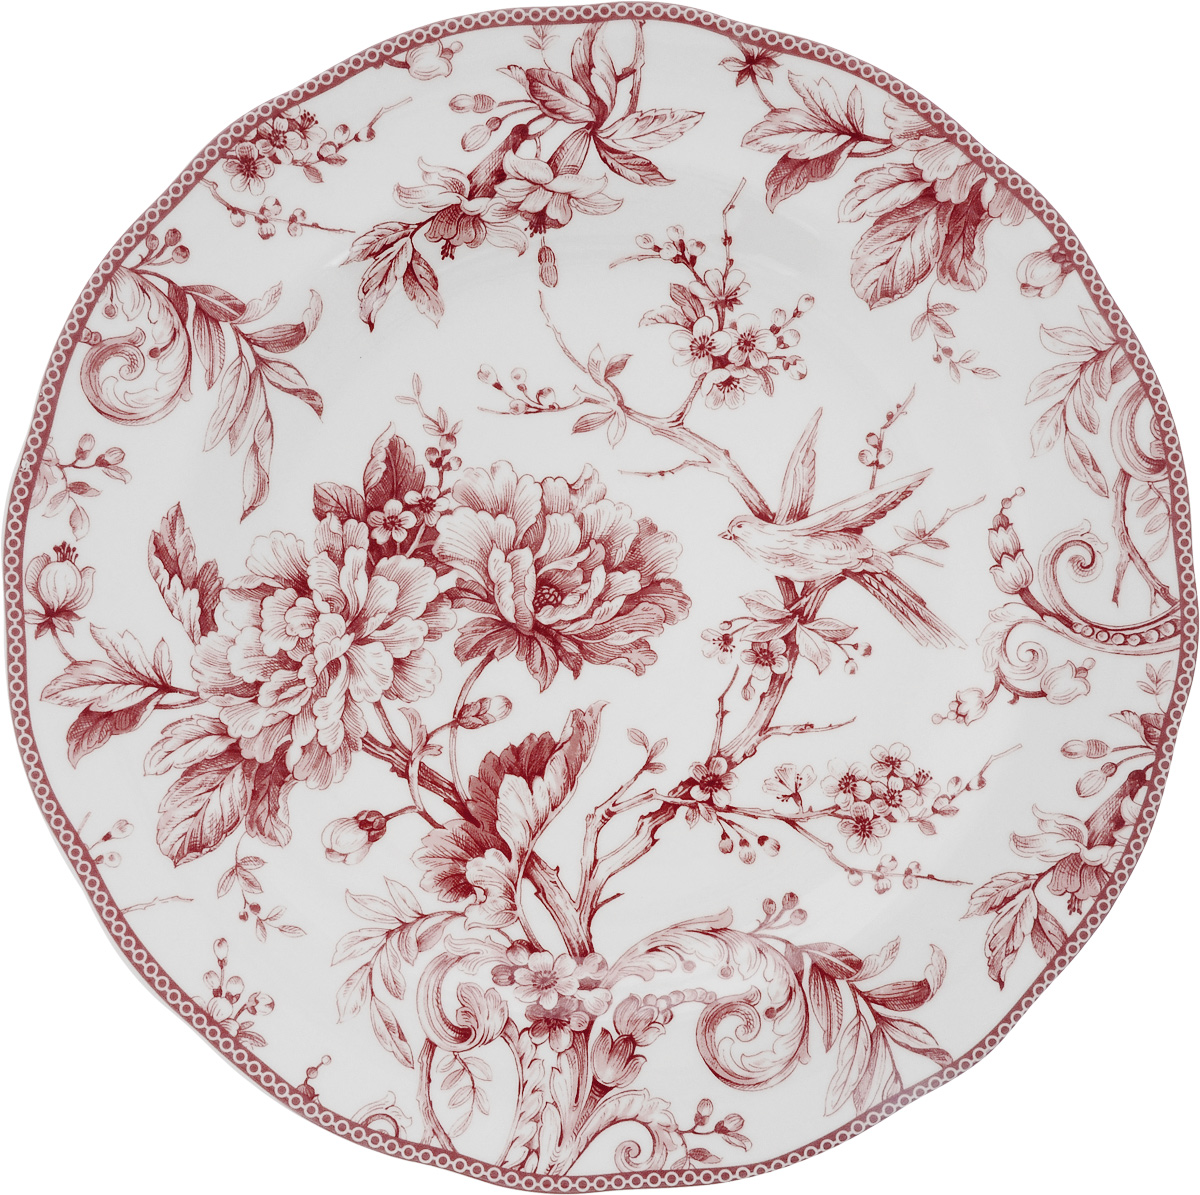 Блюдо Sango Ceramics Аделаида Бордо, диаметр 33 см1923457Круглое блюдо Sango Ceramics Аделаида Бордо, изготовленное из керамики, прекрасно подойдет для подачи нарезок, закусок и других блюд. Изделие, оформленное оригинальным рисунком, украсит сервировку вашего стола и подчеркнет прекрасный вкус хозяйки.Можно мыть в посудомоечной машине и использовать в микроволновой печи.Диаметр блюда (по верхнему краю): 33 см.Высота блюда: 4 см.